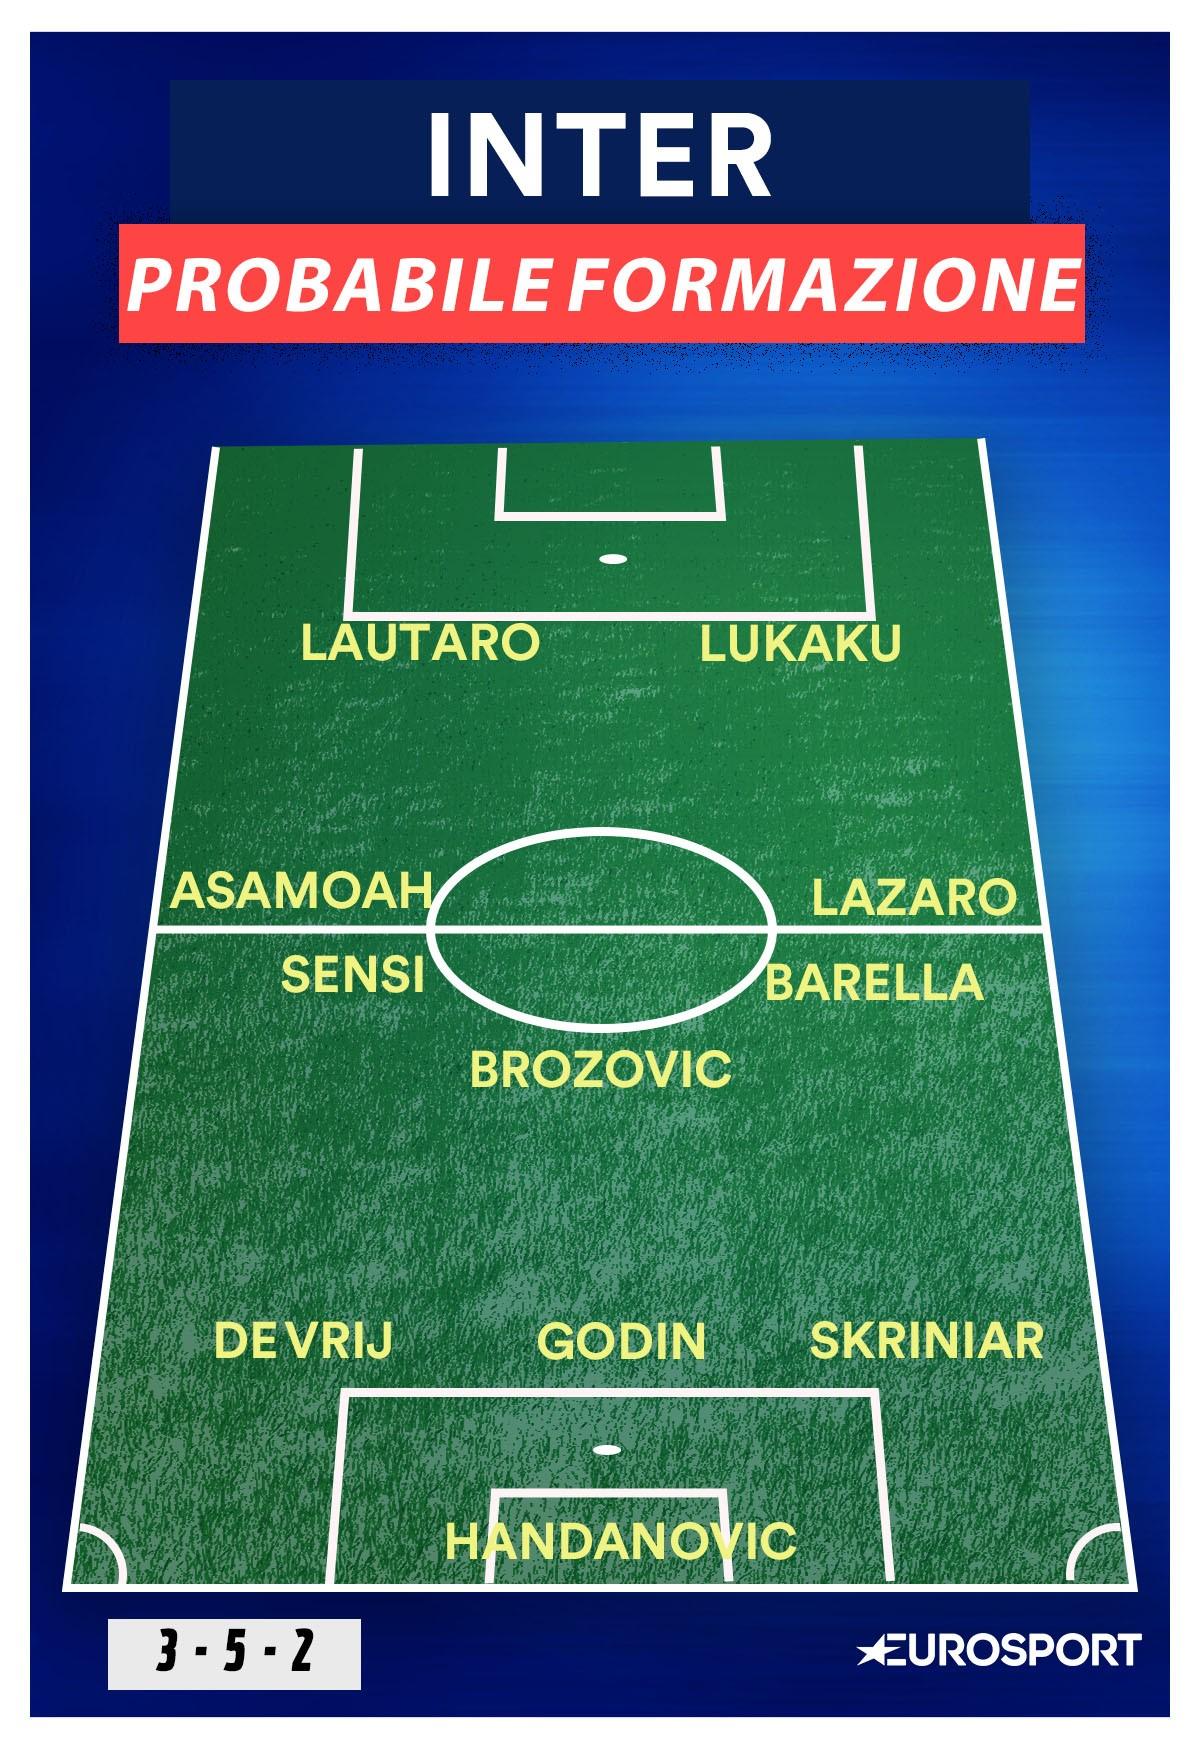 La formazione tipo dell'Inter, Eurosport